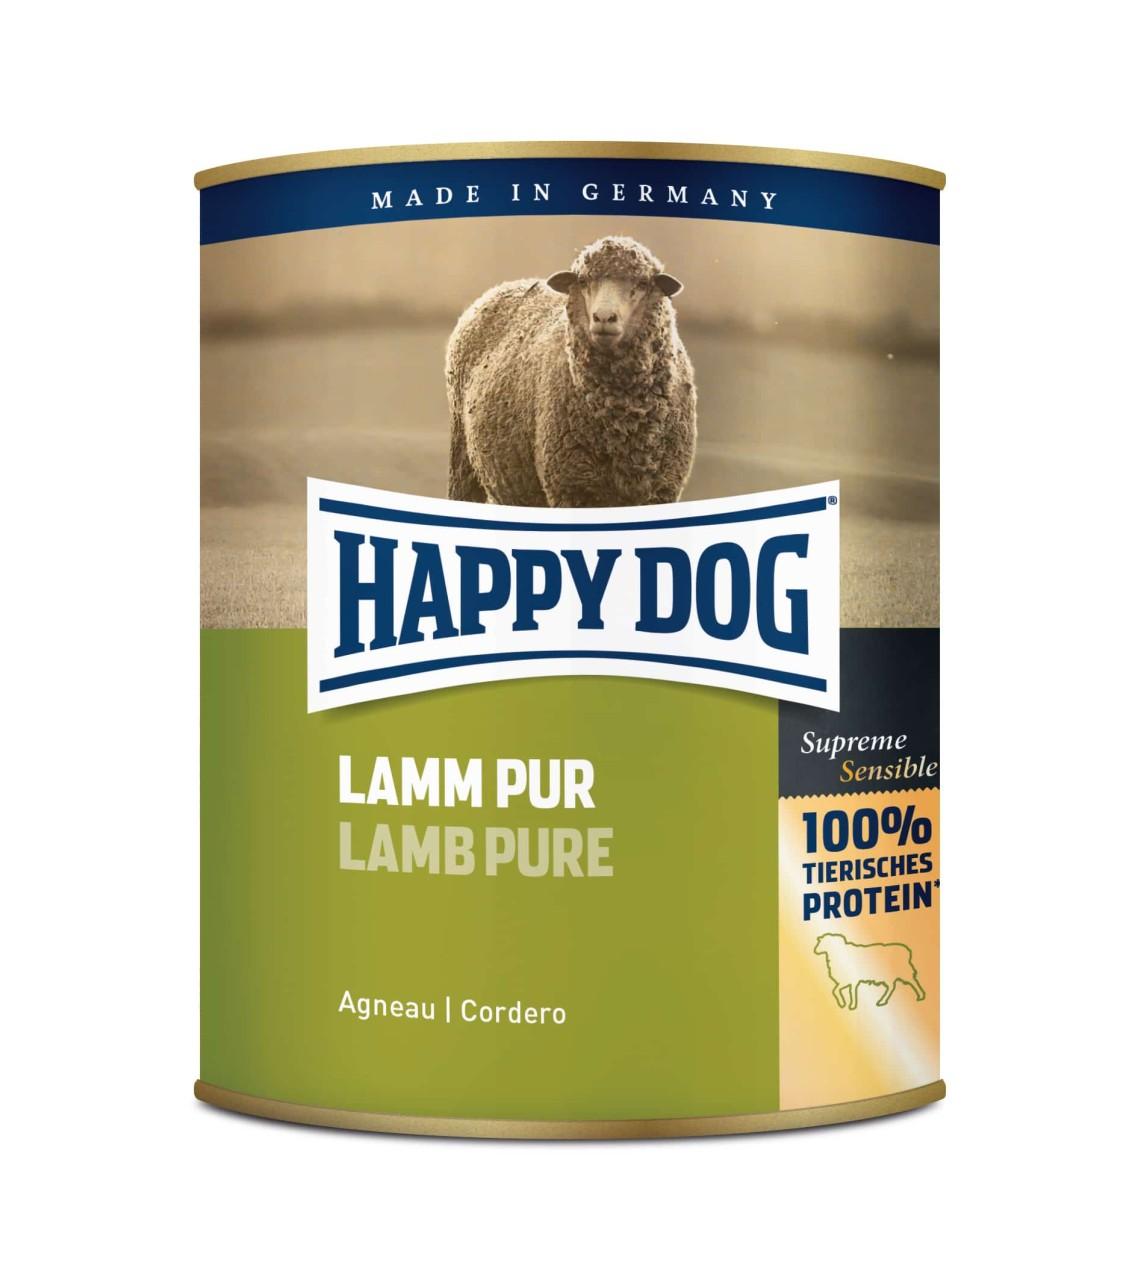 6 x 800g Happy Dog Dose Lamm Pur getreidefrei 100% tierisches Protein